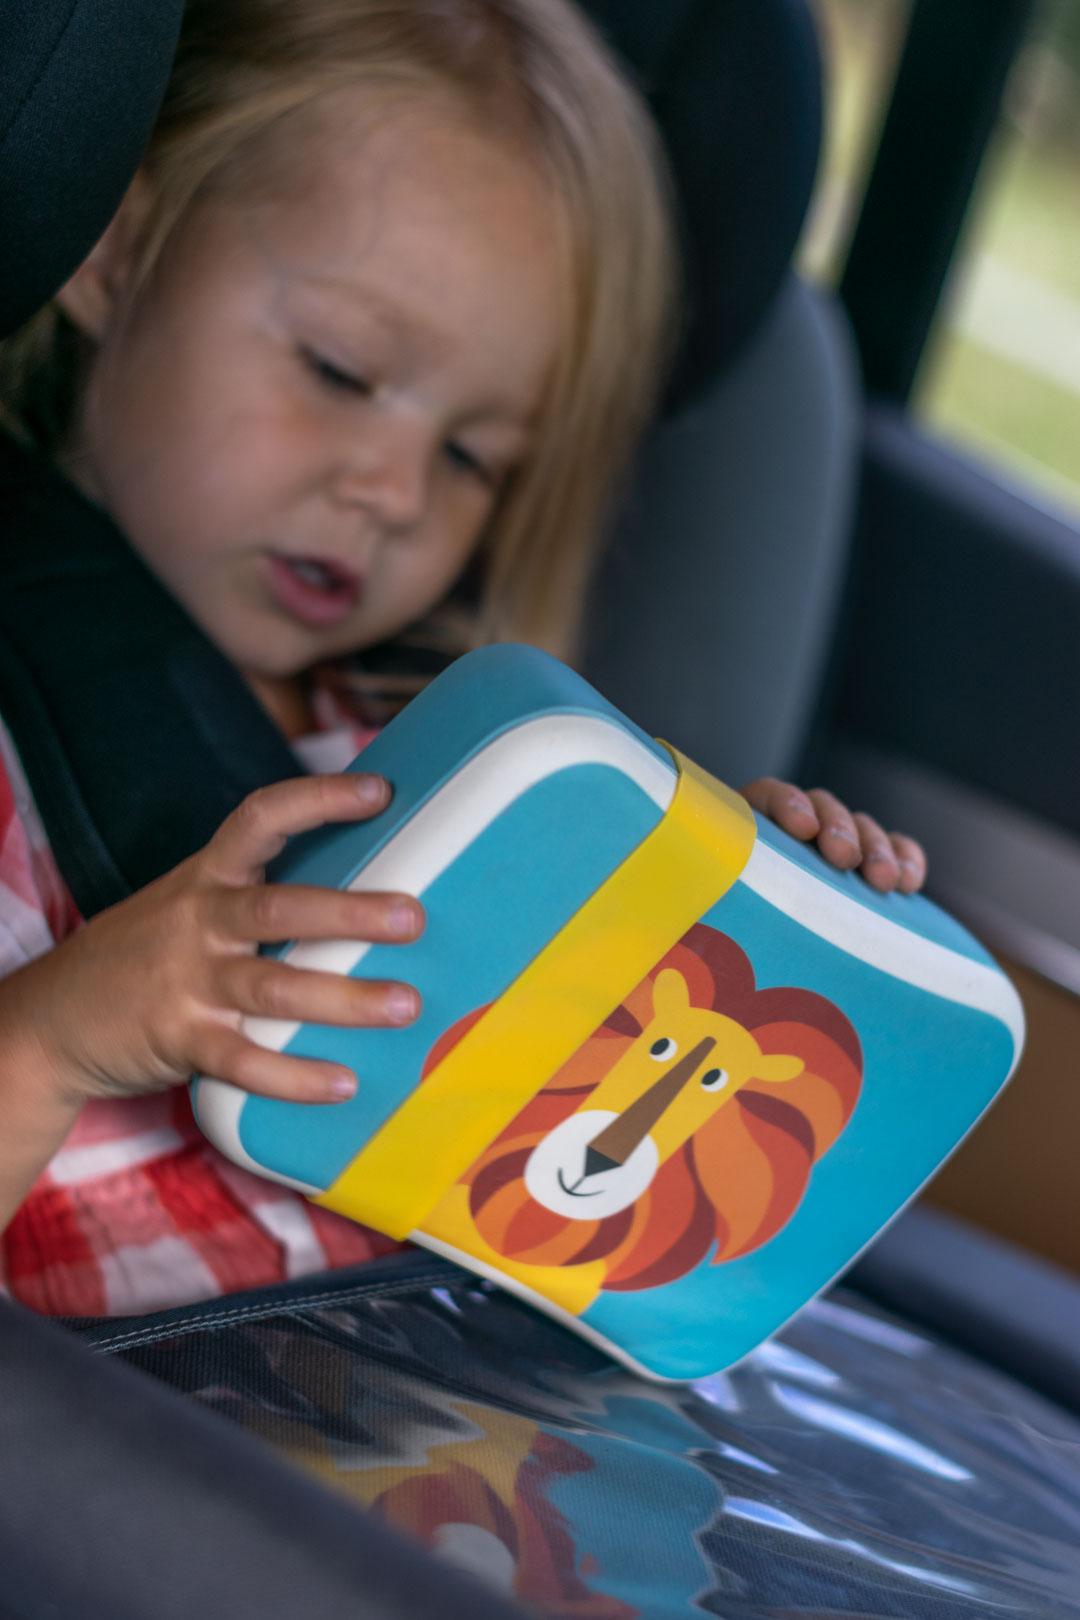 czym zająć dziecko w podróży